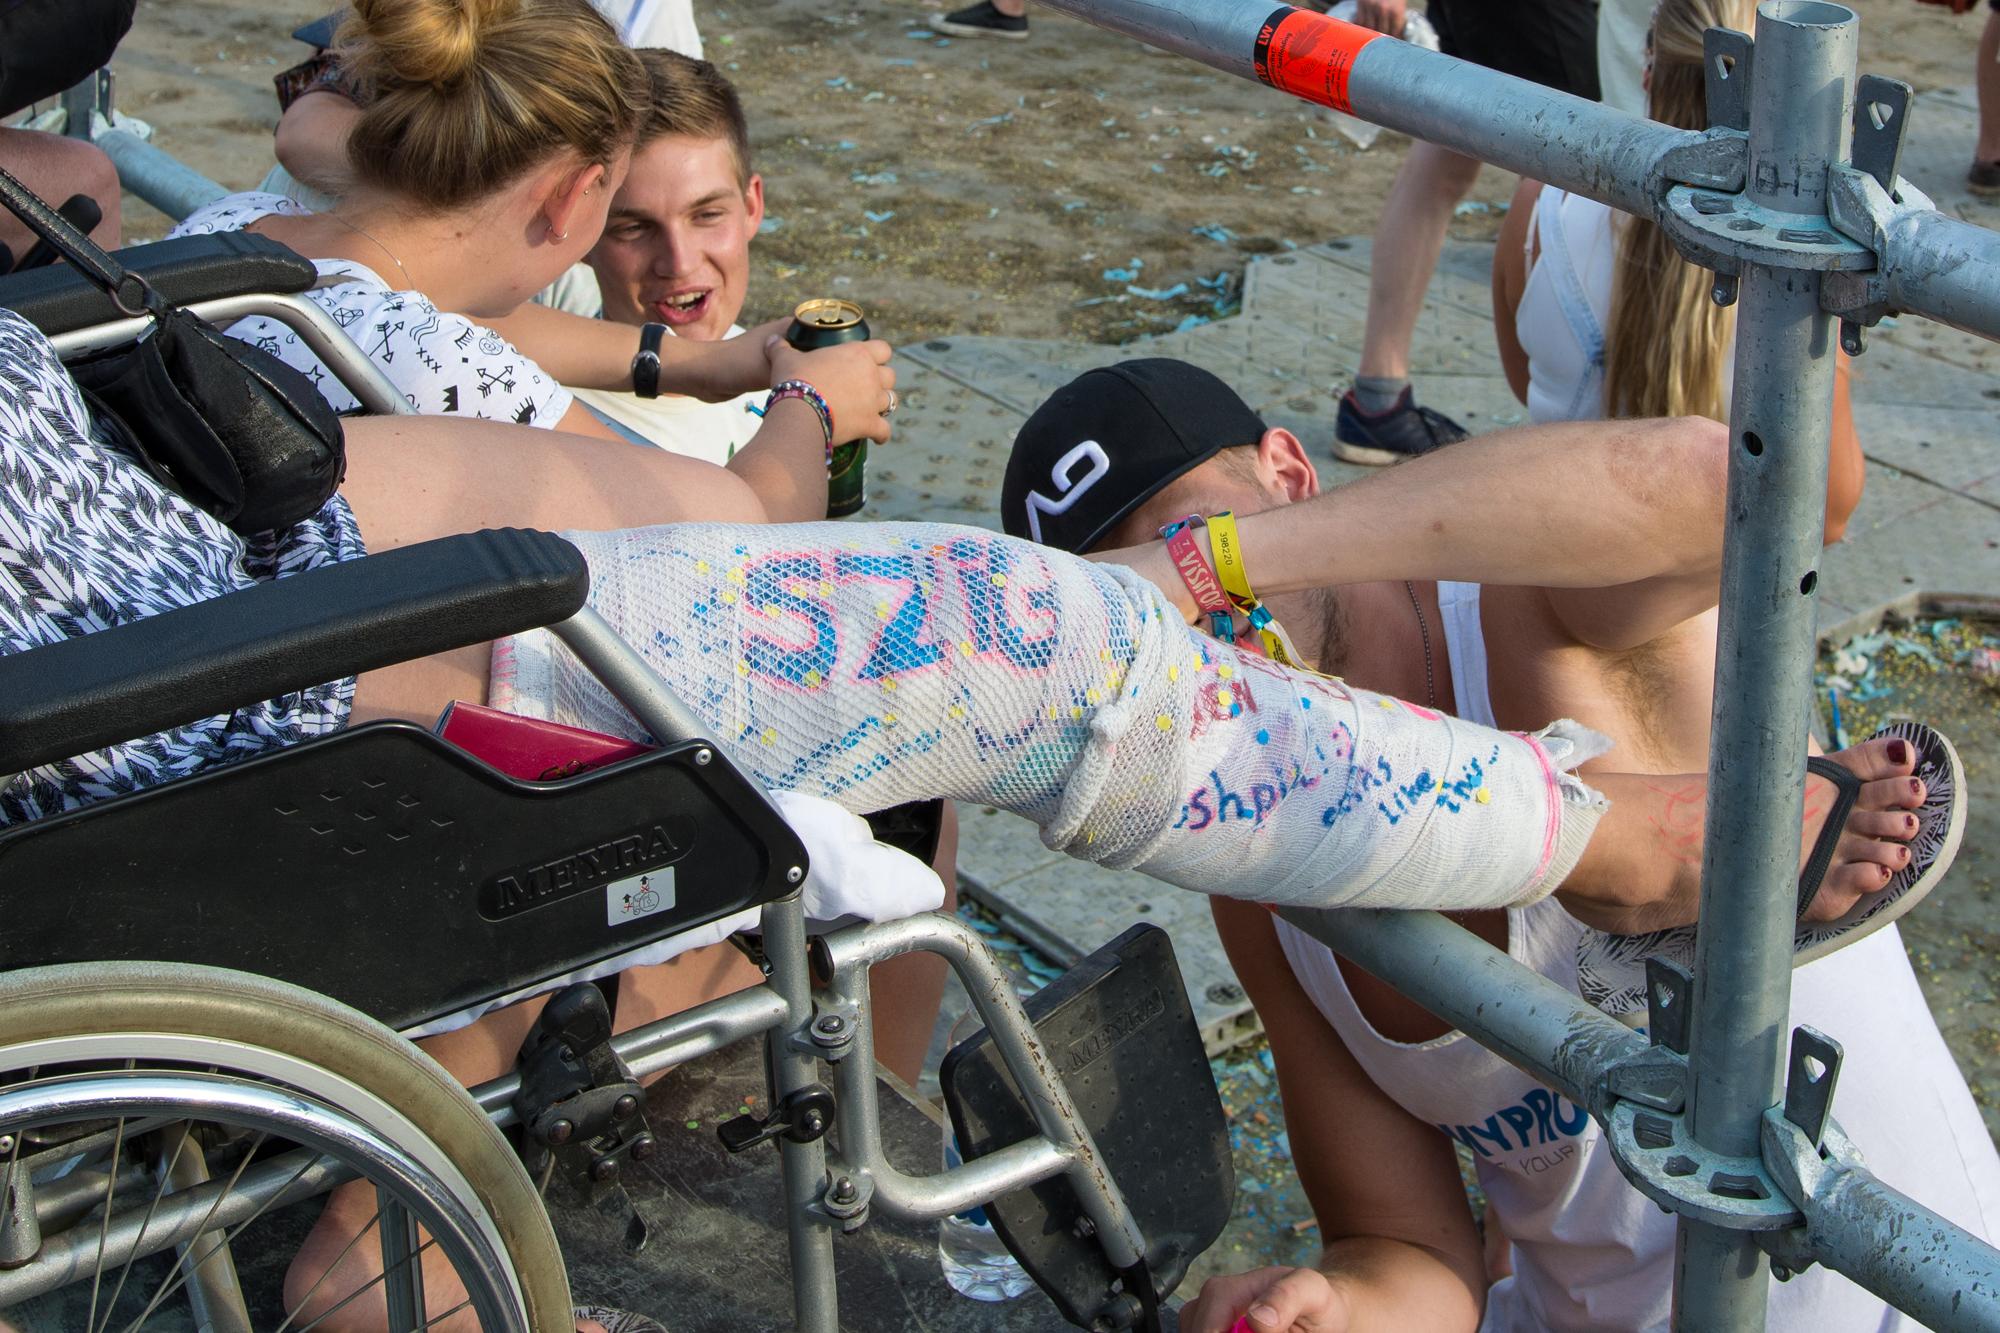 Unterschreiben auf dem eingegipsten Bein eines Mädchens im Rollstuhl